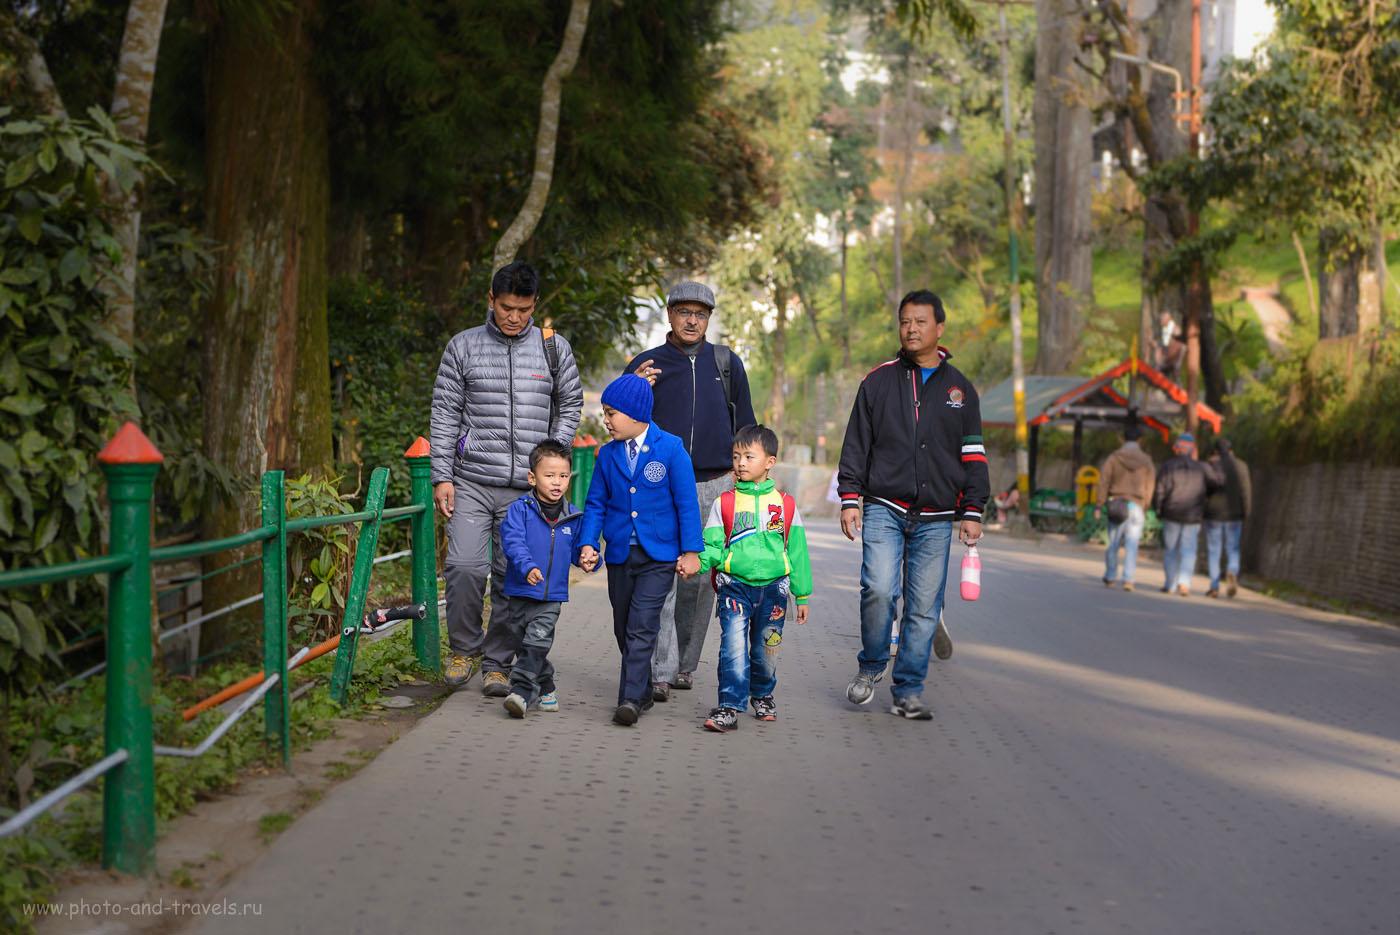 Фотография 4. Прогулка по улицам Дарджилинга. В зоопарк мы пошли рано утром, навстречу встретили множество индийских школьников. Фотоаппарат Никон Д610, объектив Никон 24-70/2,8. Параметры съемки: 1/250, 2.8, 160, 70.